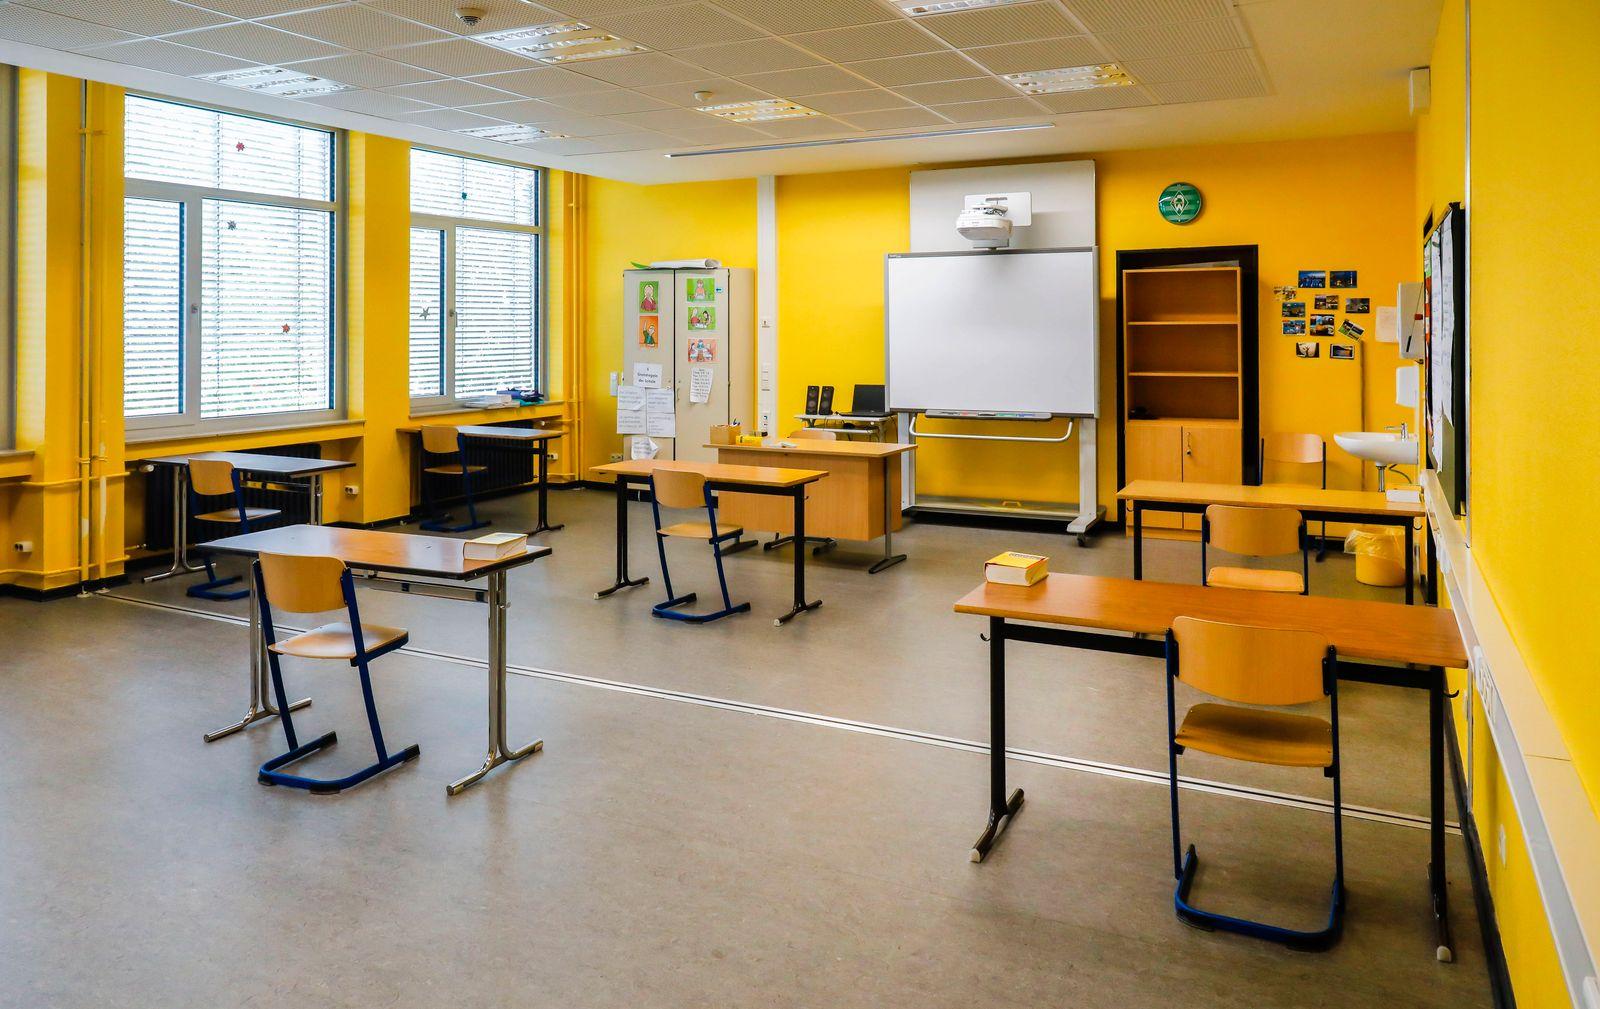 19.05.2020, Duesseldorf, Nordrhein-Westfalen, Deutschland - Klassenraum der Realschule Benzenberg anlaesslich der Wieder